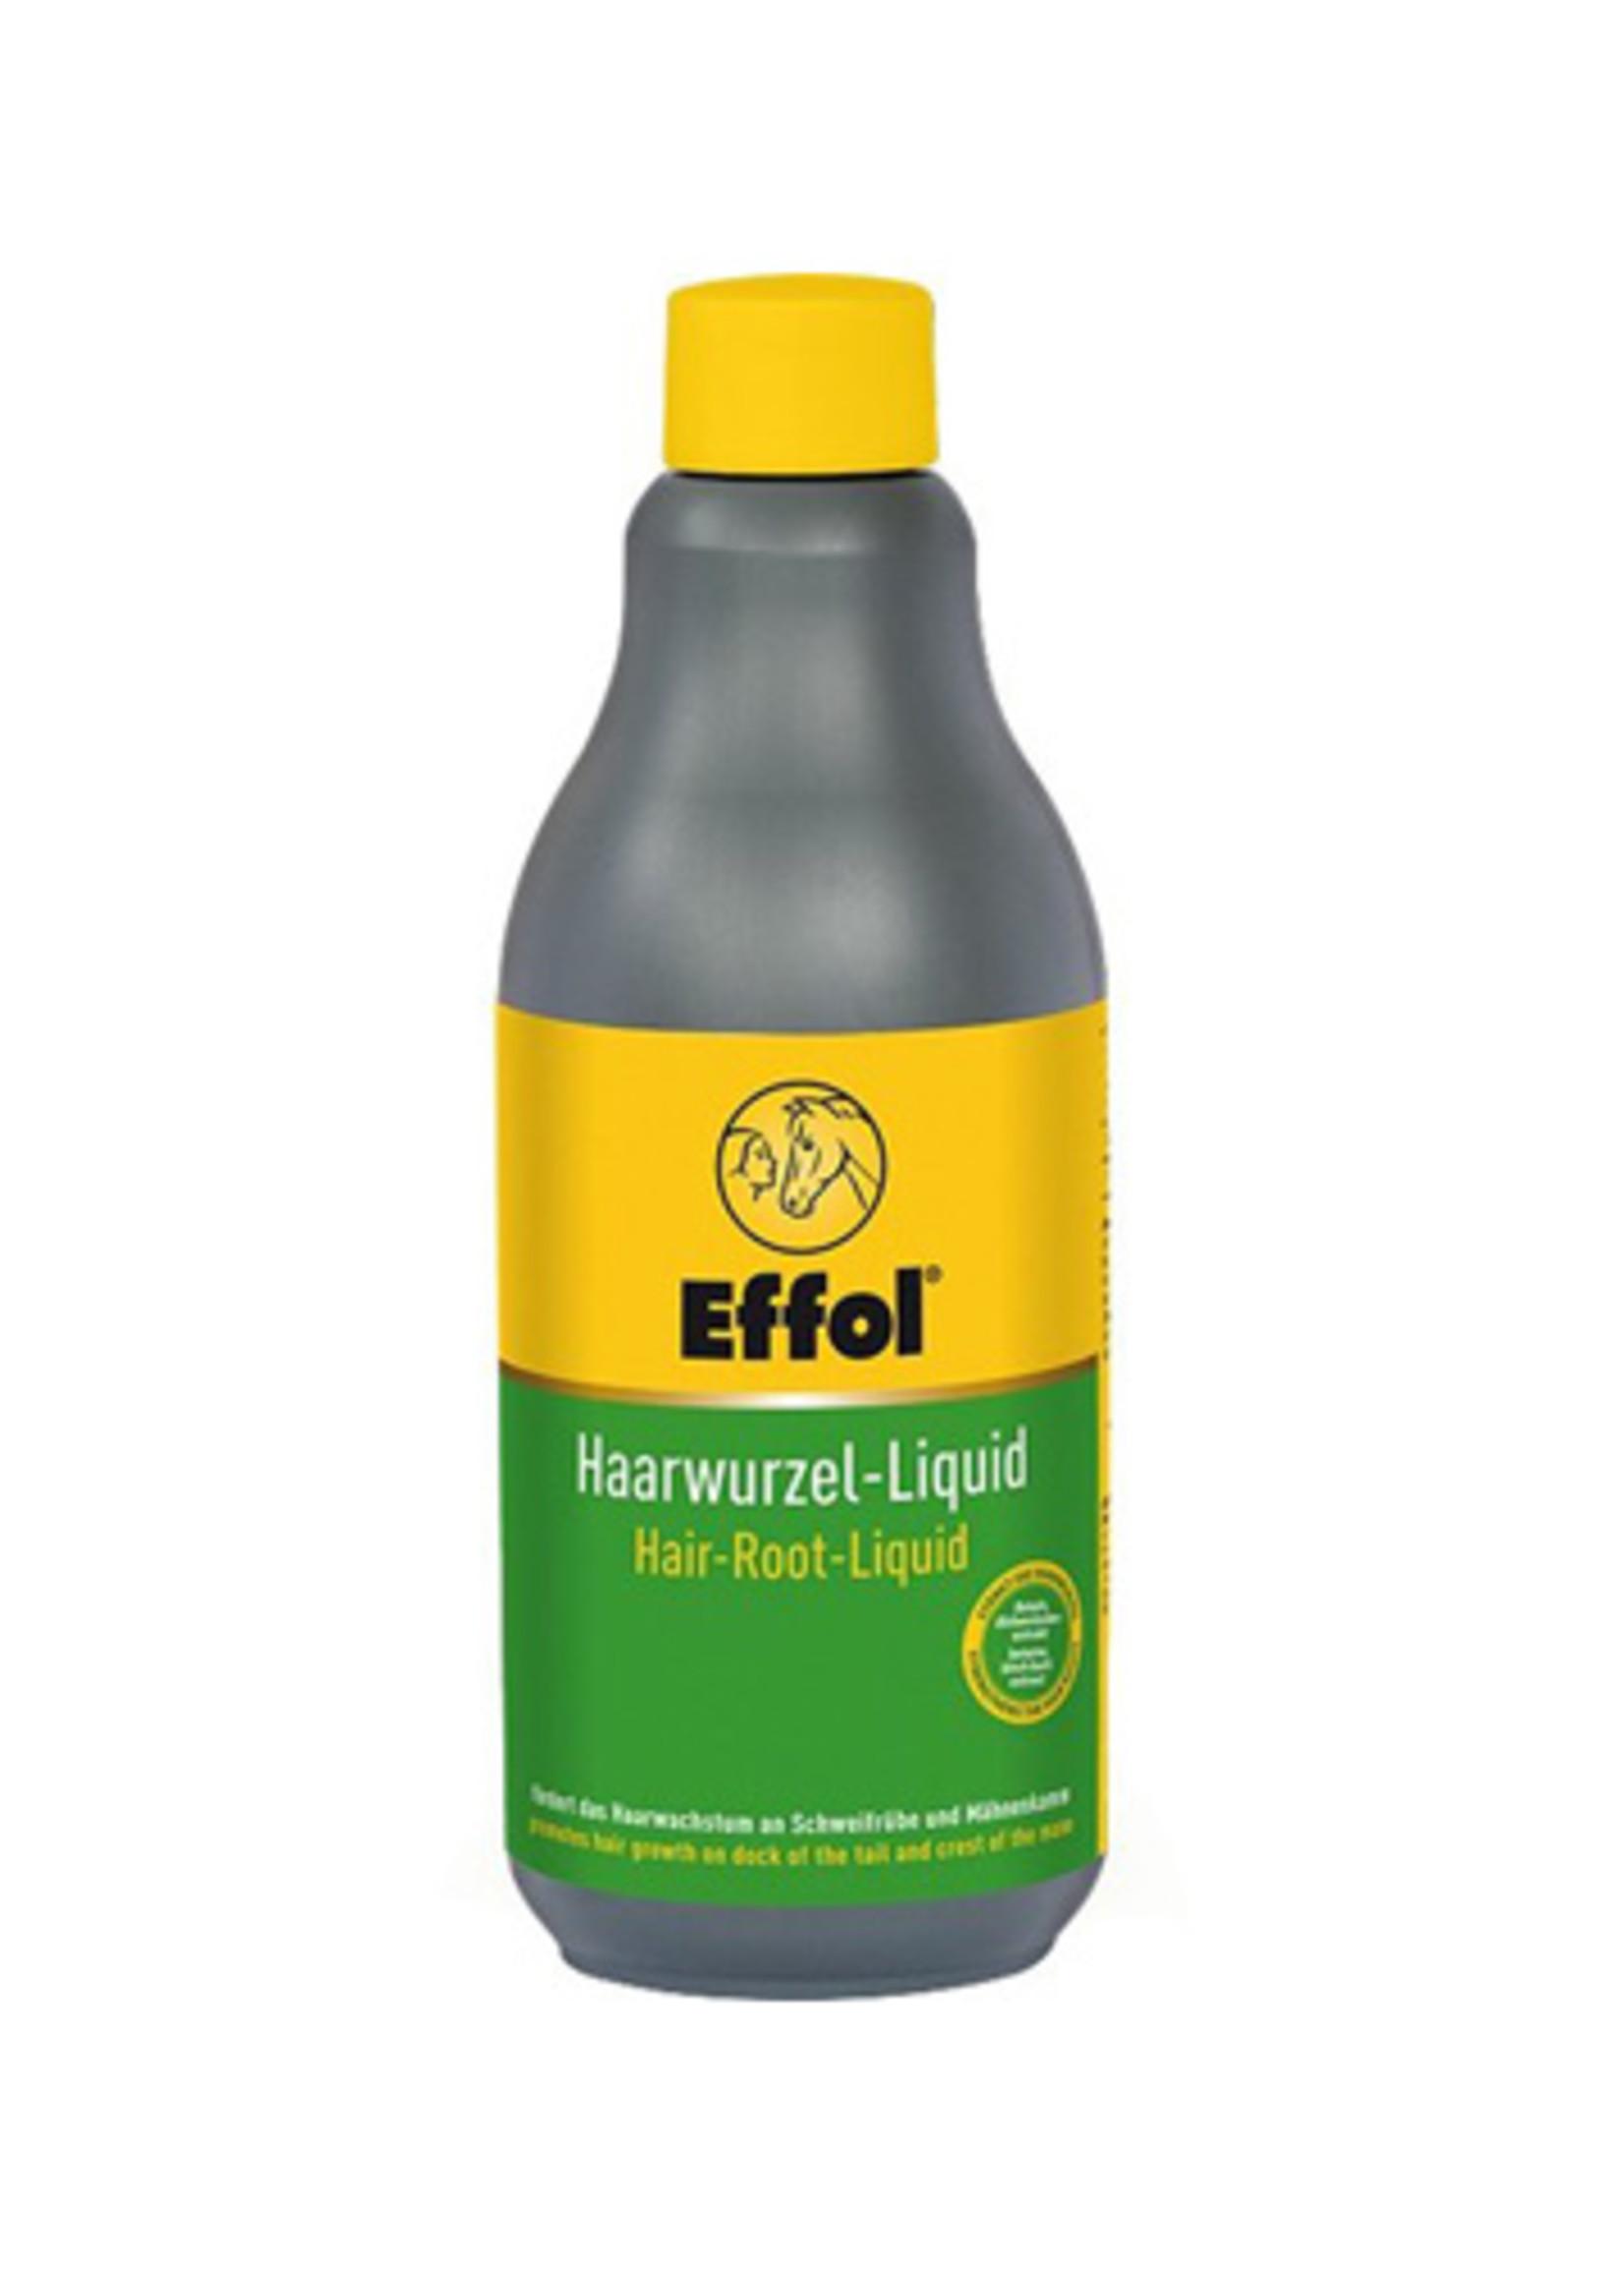 Effax Effol Haarwortel Liquid